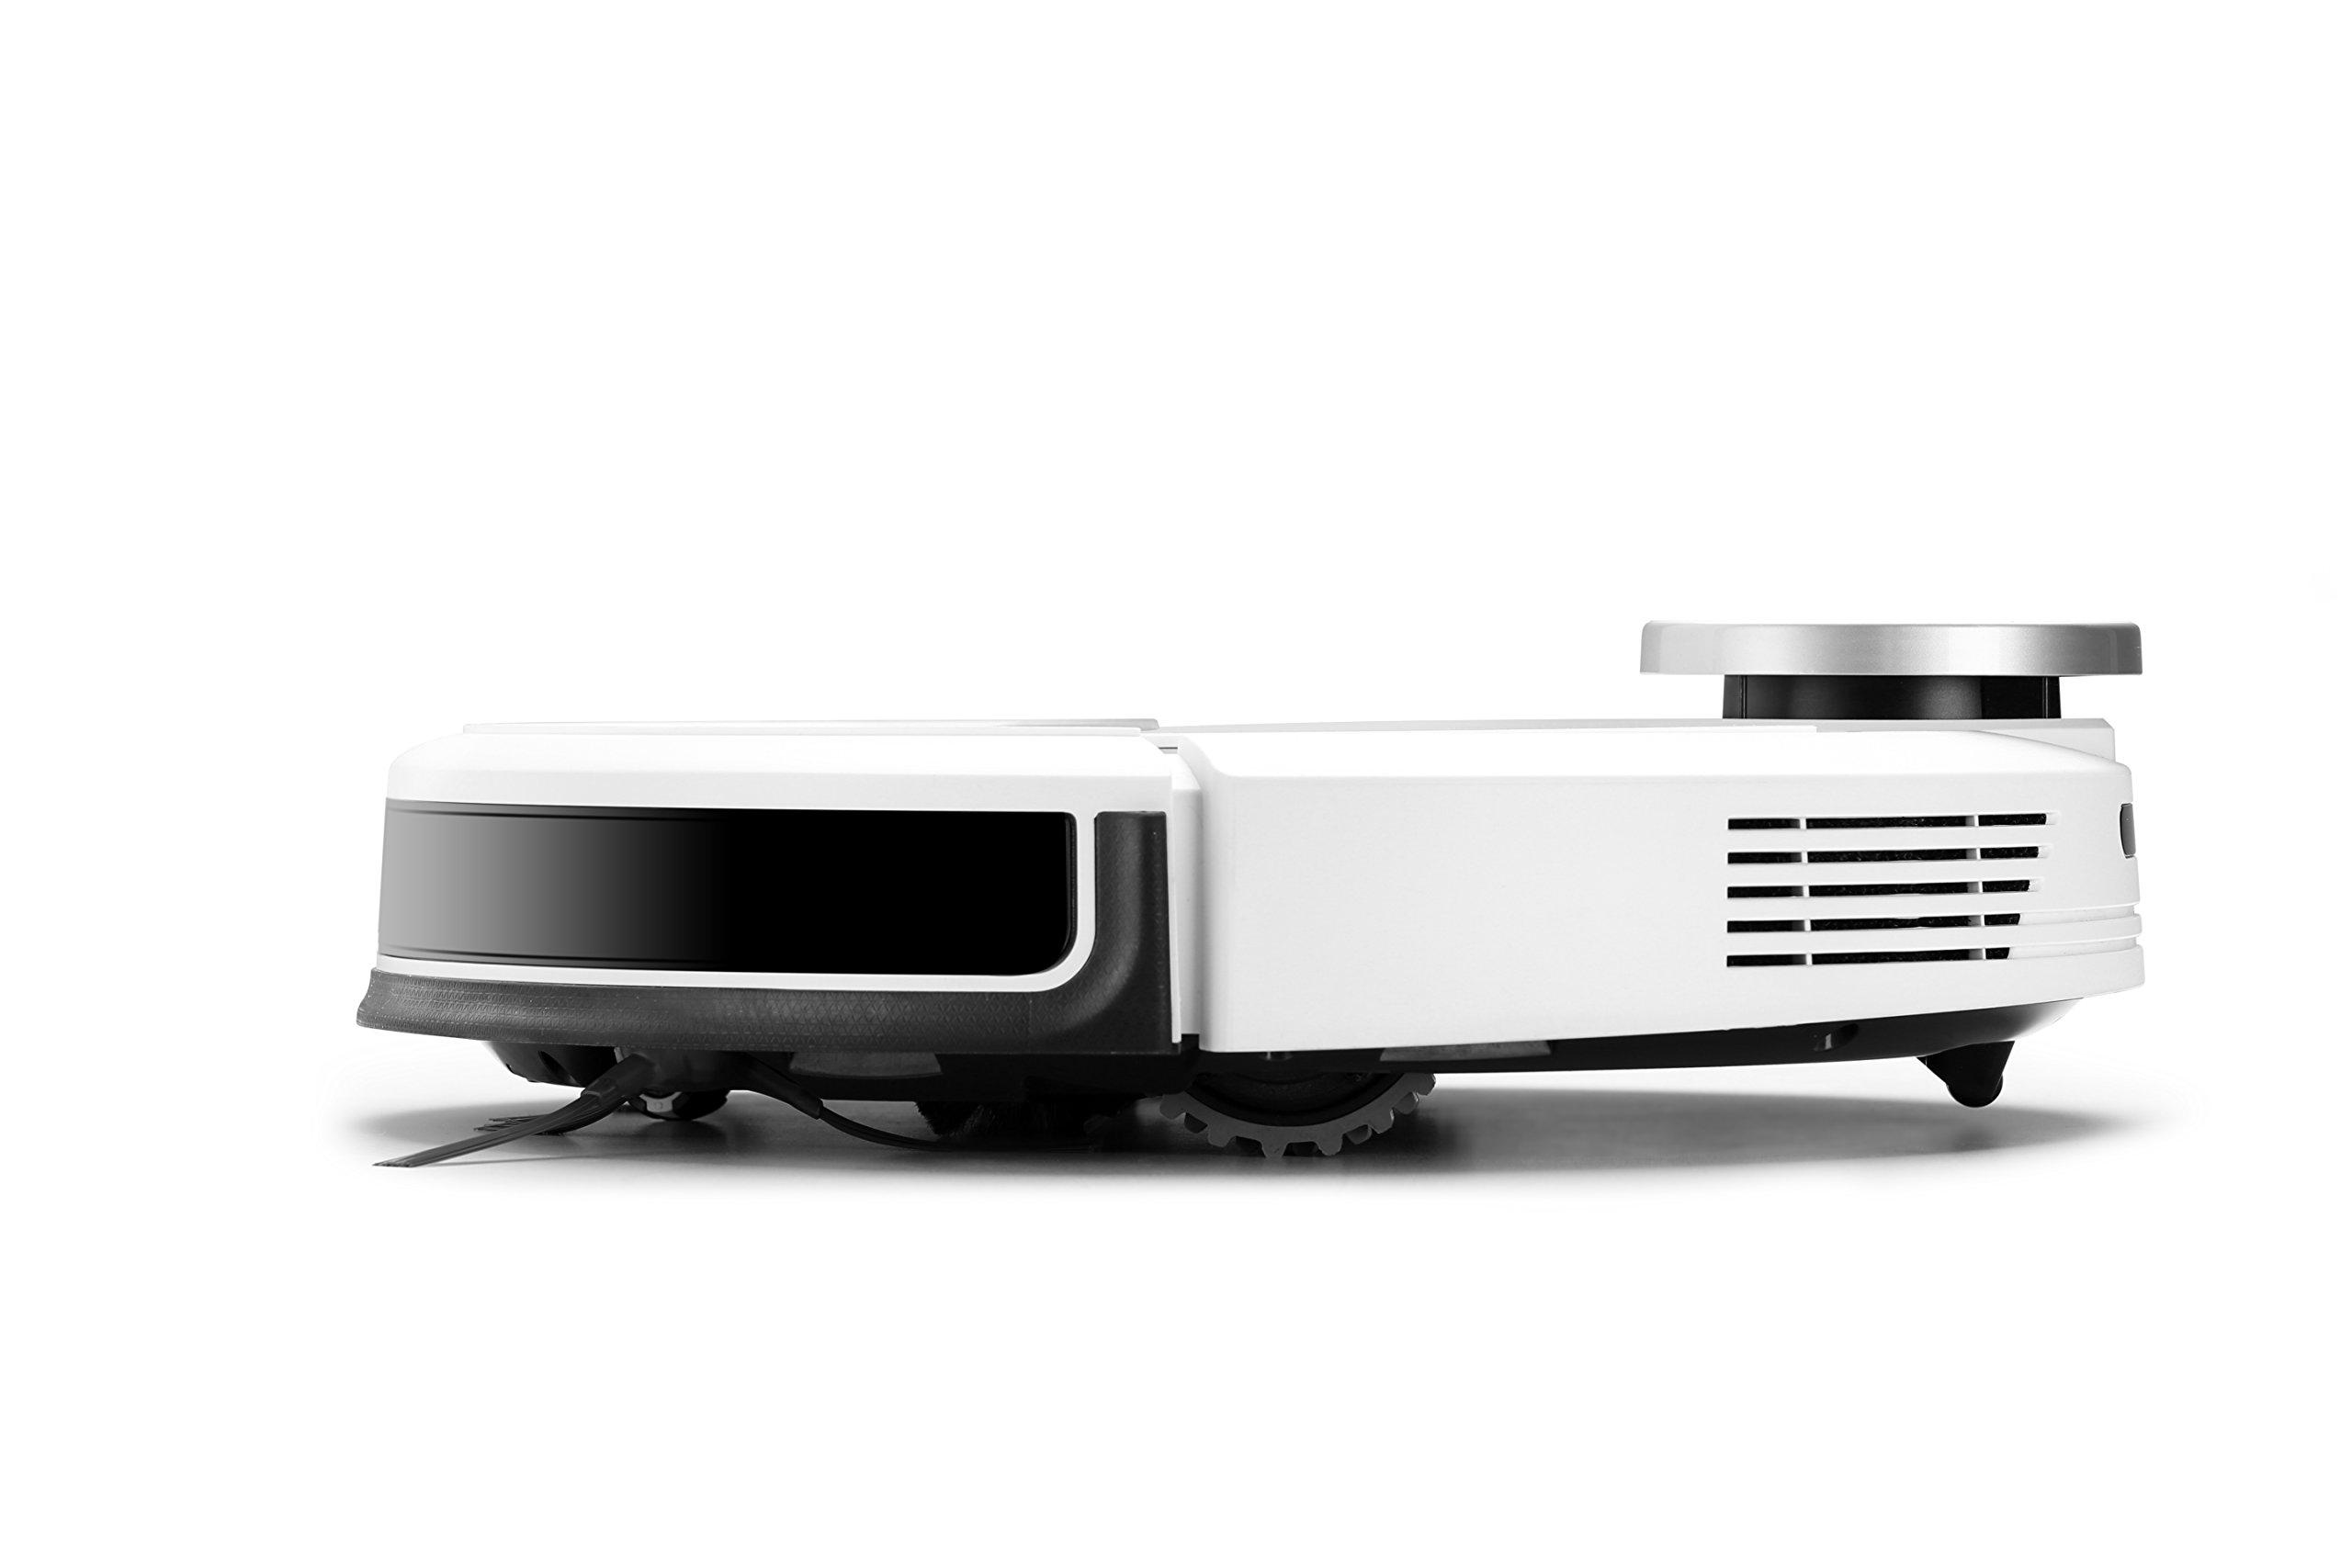 Ecovacs DEEBOT 900 Robot Aspirador con navegaci/ón laser inteligente adecuado para suelos duros y alfombras barreras virtuales y control mediante app Blanco 67 Decibeles